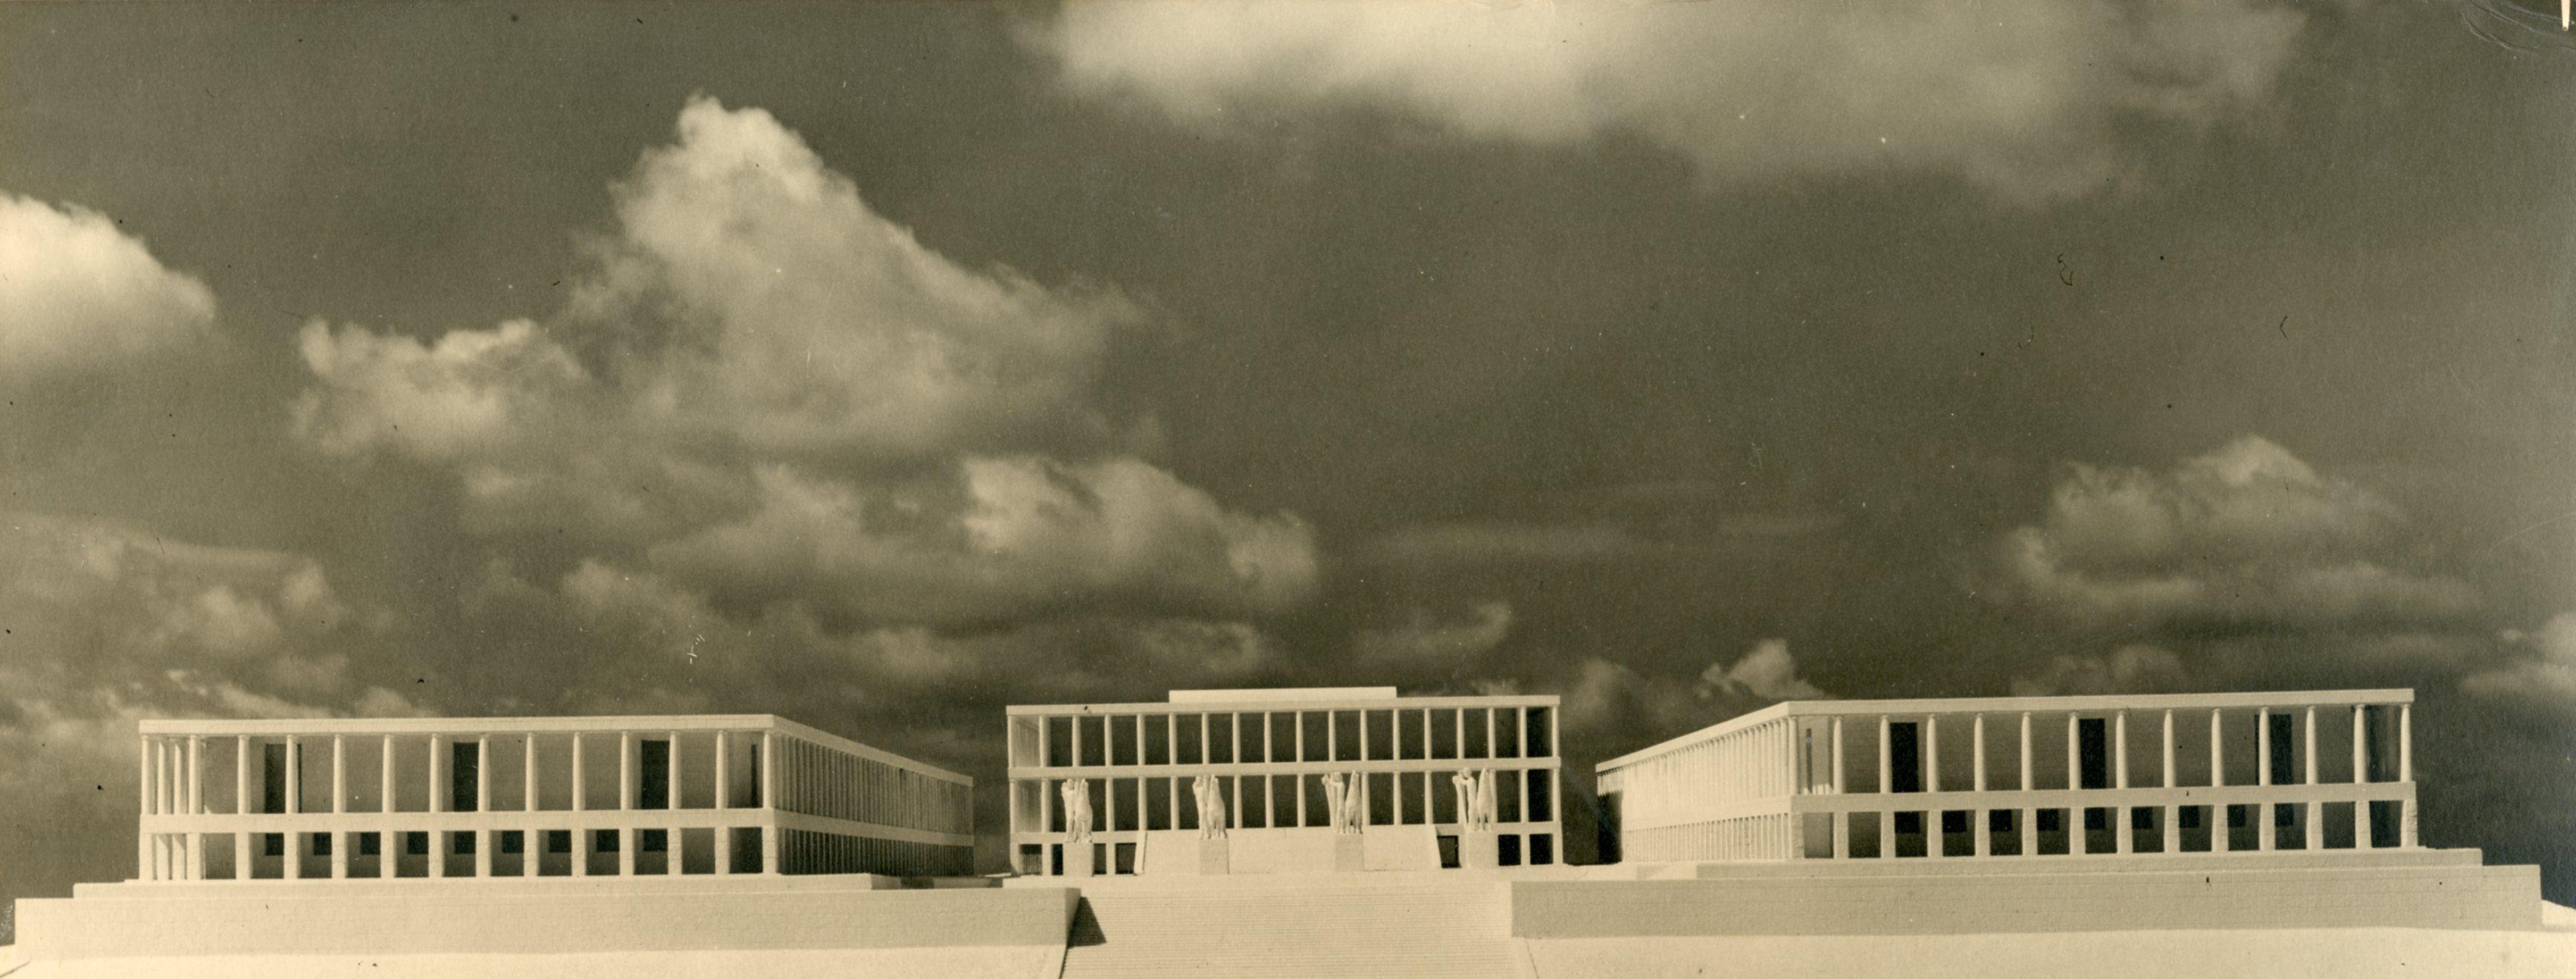 Piazza e edifici delle Comunicazioni e Trasporti (poi Mostra dell'autarchia, del corporativismo e della previdenza sociale) all'E.42, Roma (ora sede dell'Archivio Centrale dello Stato)